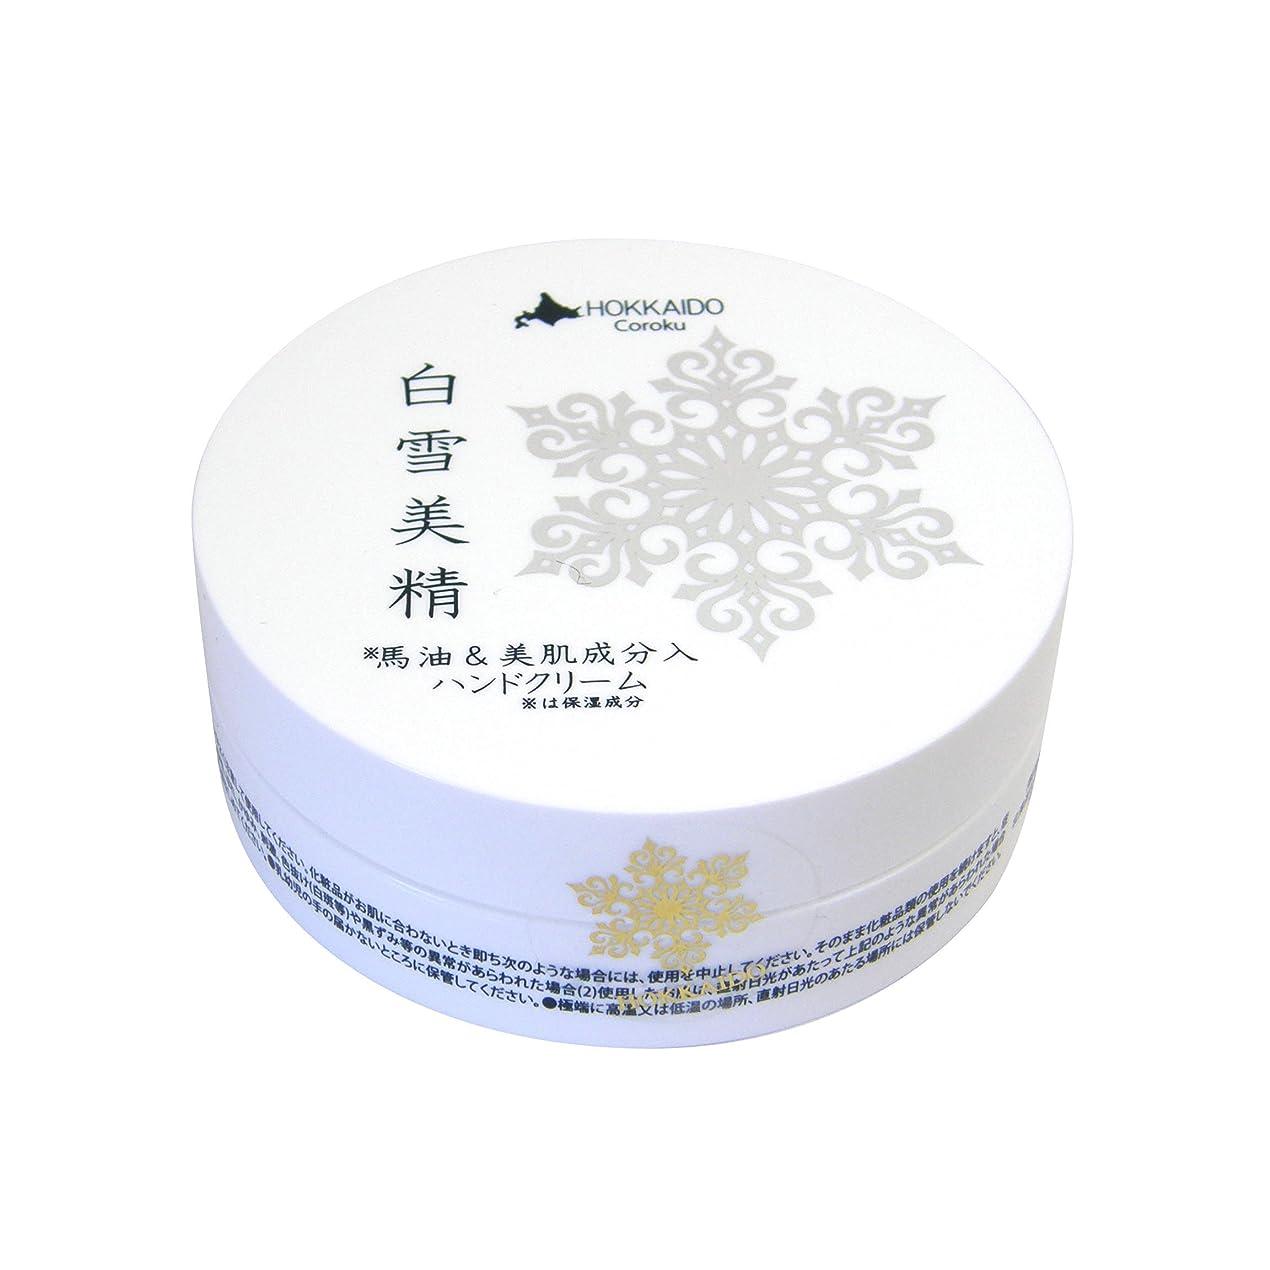 エコー資源に勝るCoroku 白雪美精 ハンドクリーム 30g